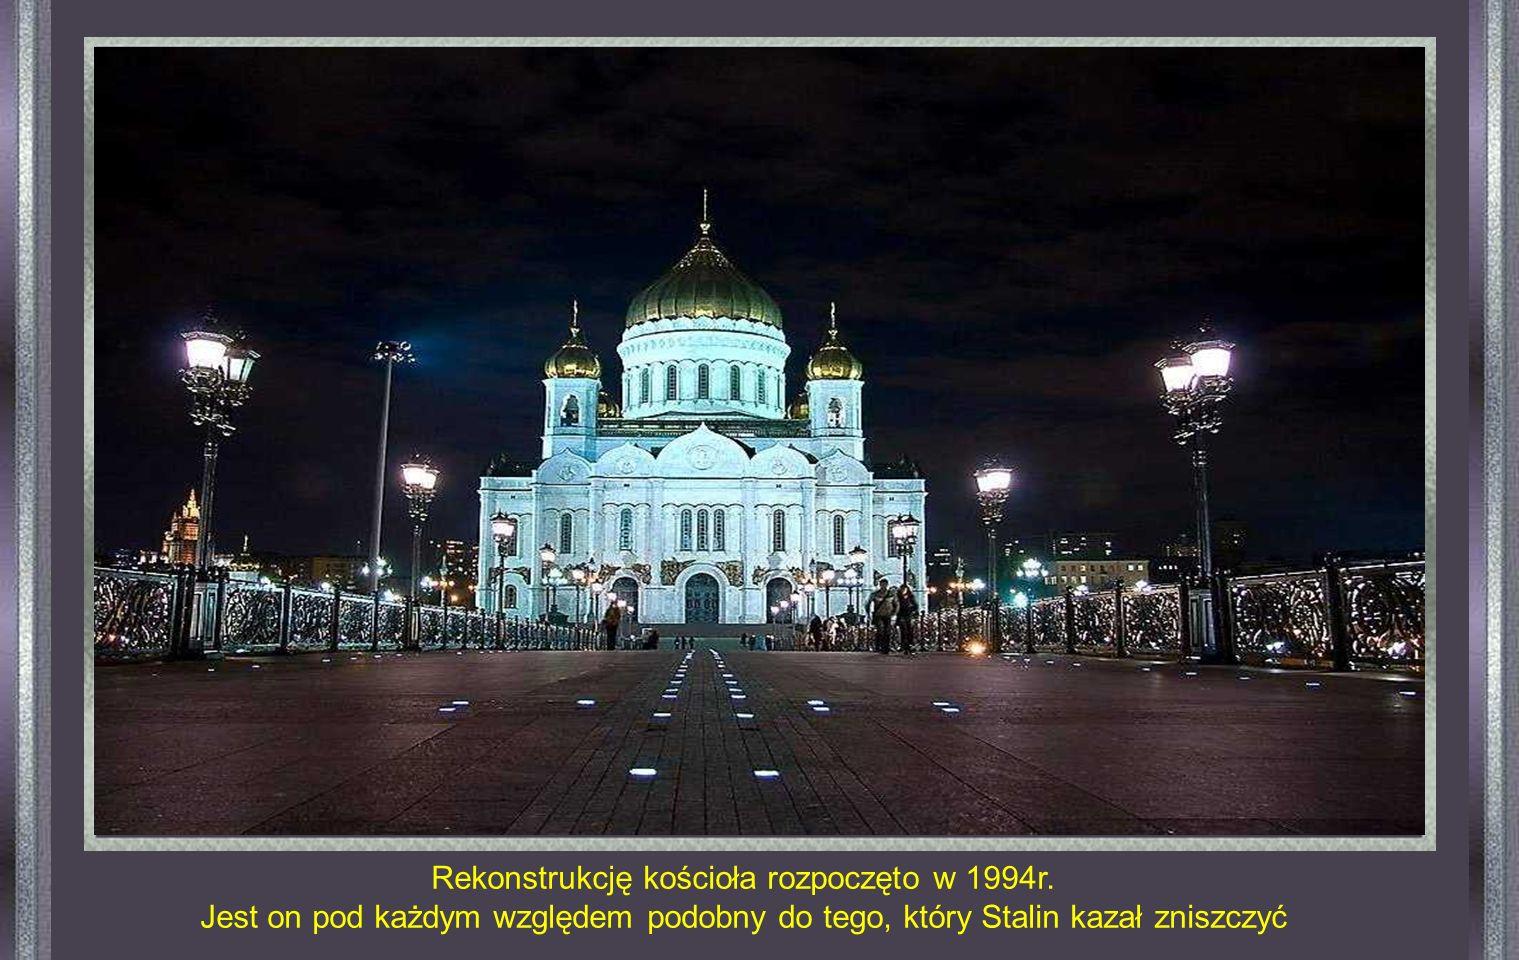 ( Photographie officielle ) Katedra Chrystusa Zbawiciela 5 grudnia 1931 r. na rozkaz Stalina kosciół został wysadzony.. Na jego miejscu Stalin nakazał